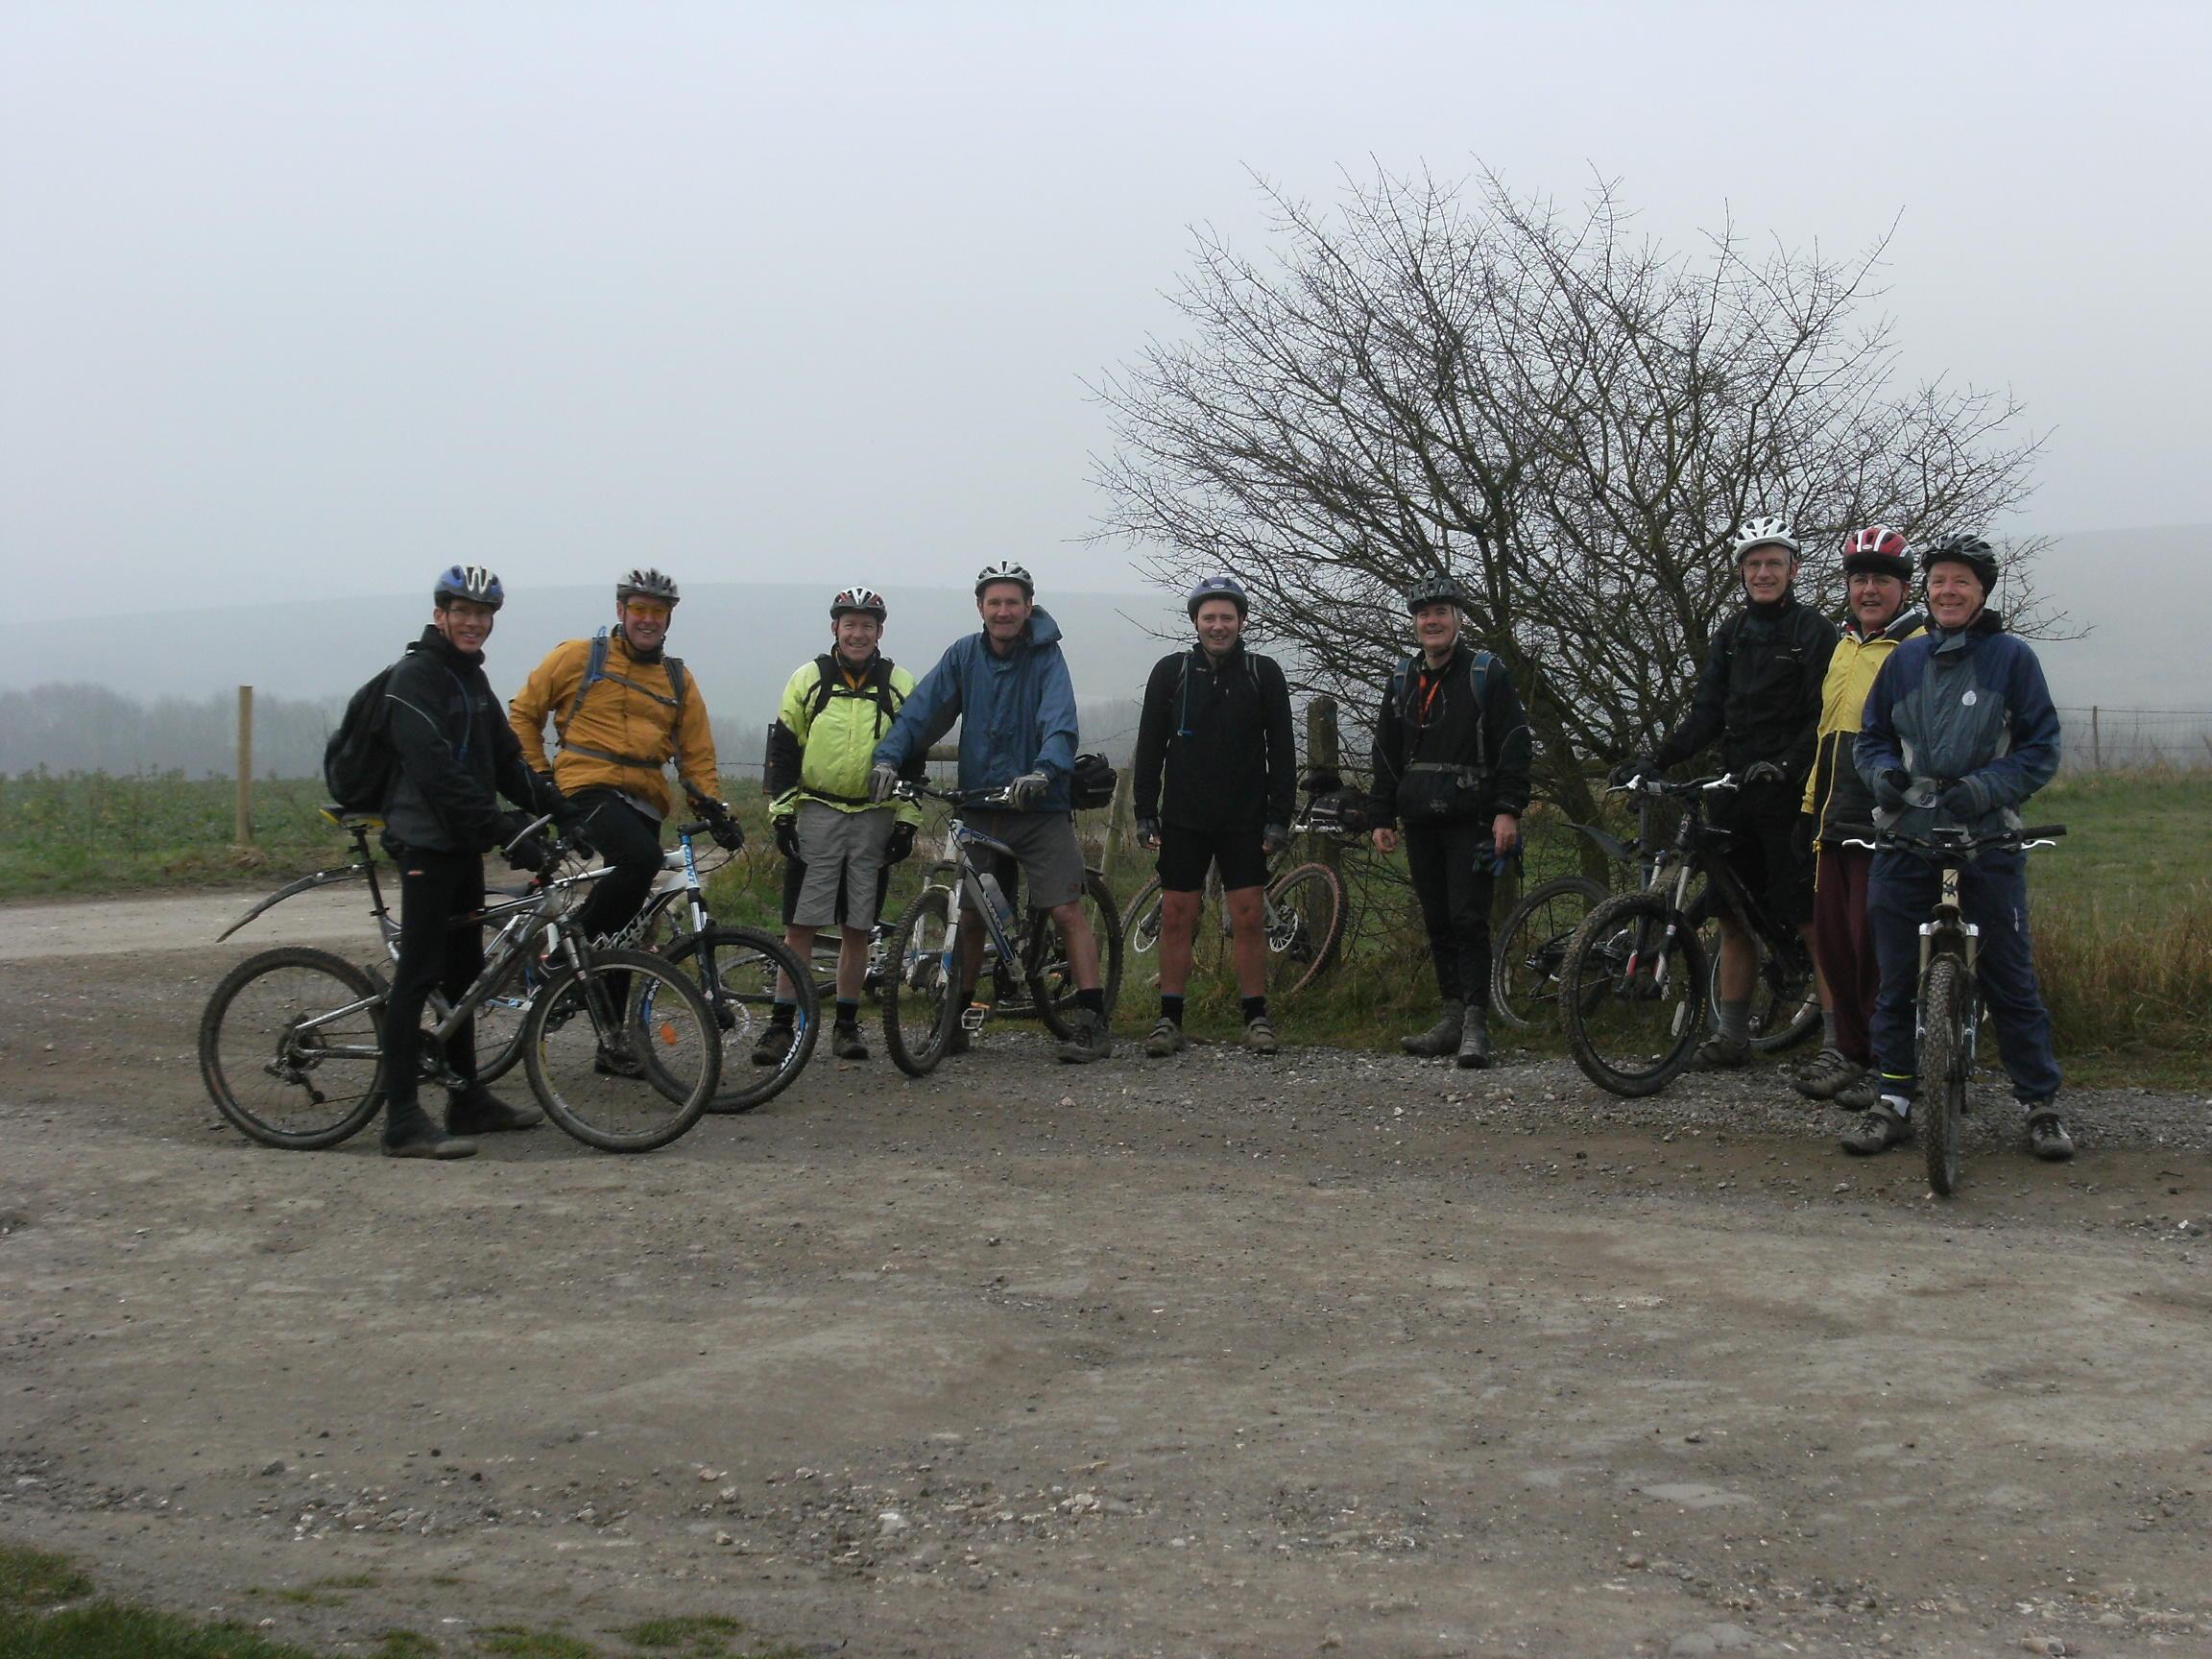 2012-03-02-storrington-001.JPG